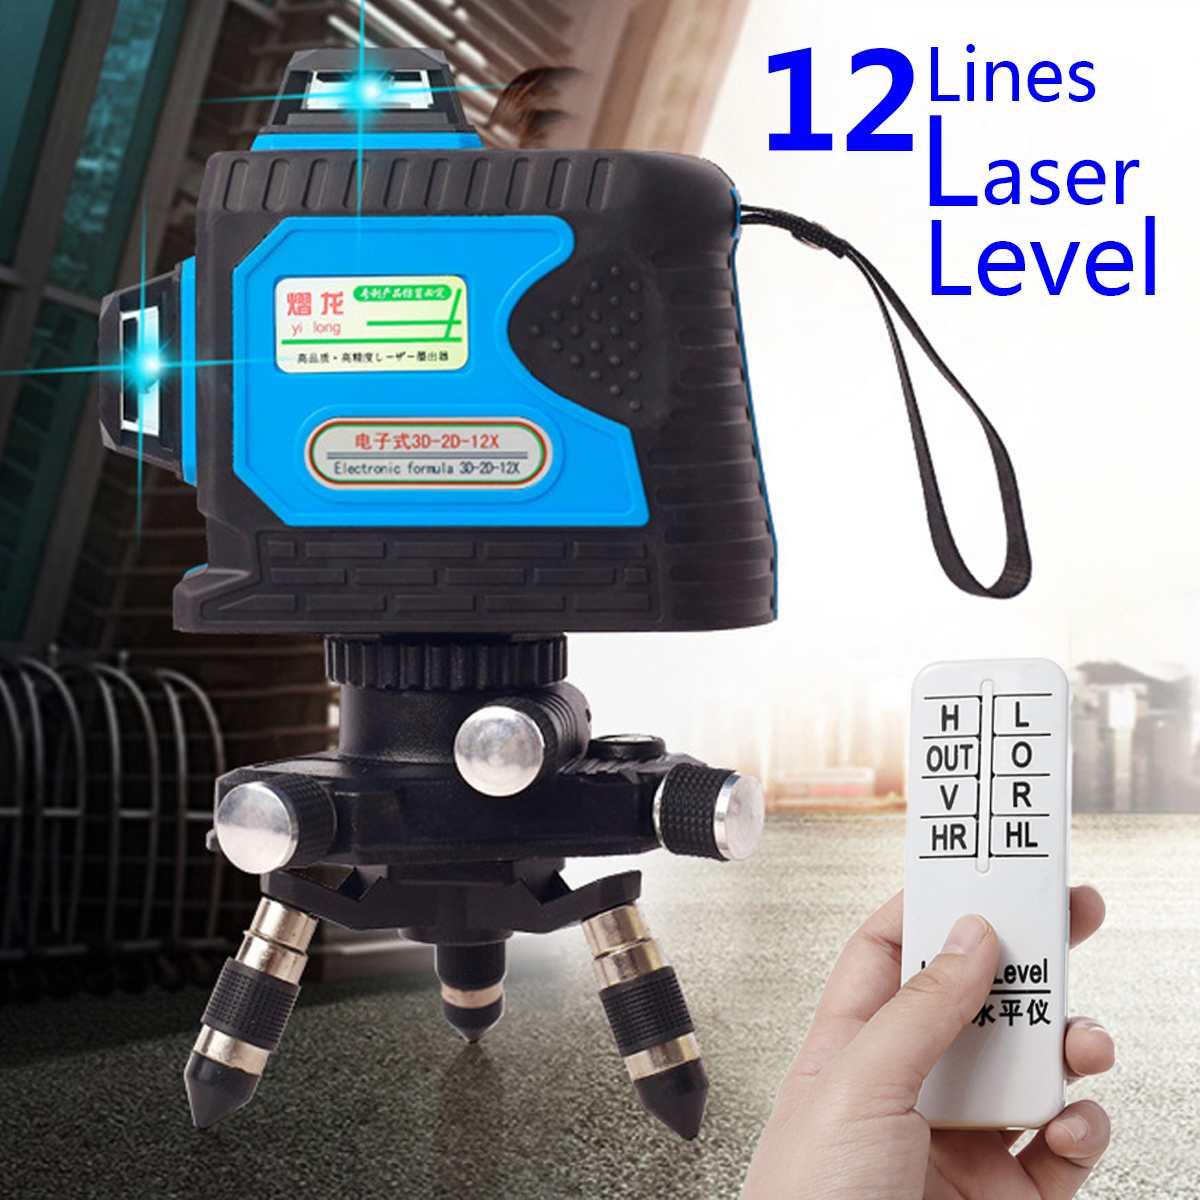 360 Vert Laser Niveau 120X12 Lignes 3D Précision Auto Nivellement télécommande Antichoc 532nm Longueur D'onde Rechargeable Précis